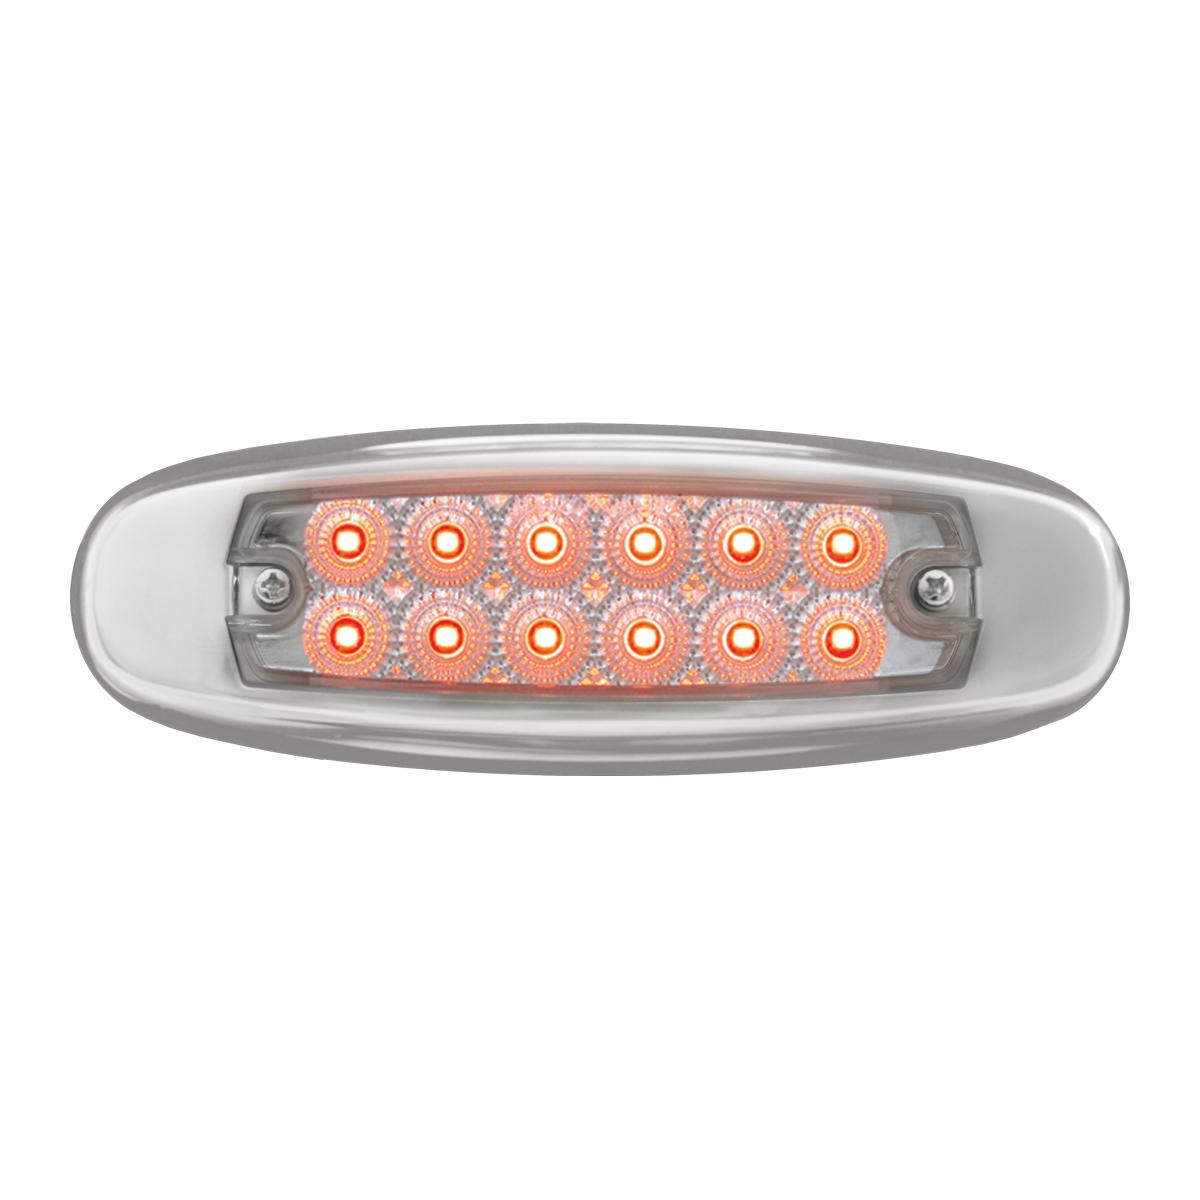 78568 Ultra Thin Spyder LED Marker Light w/ Stainless Steel Bezel